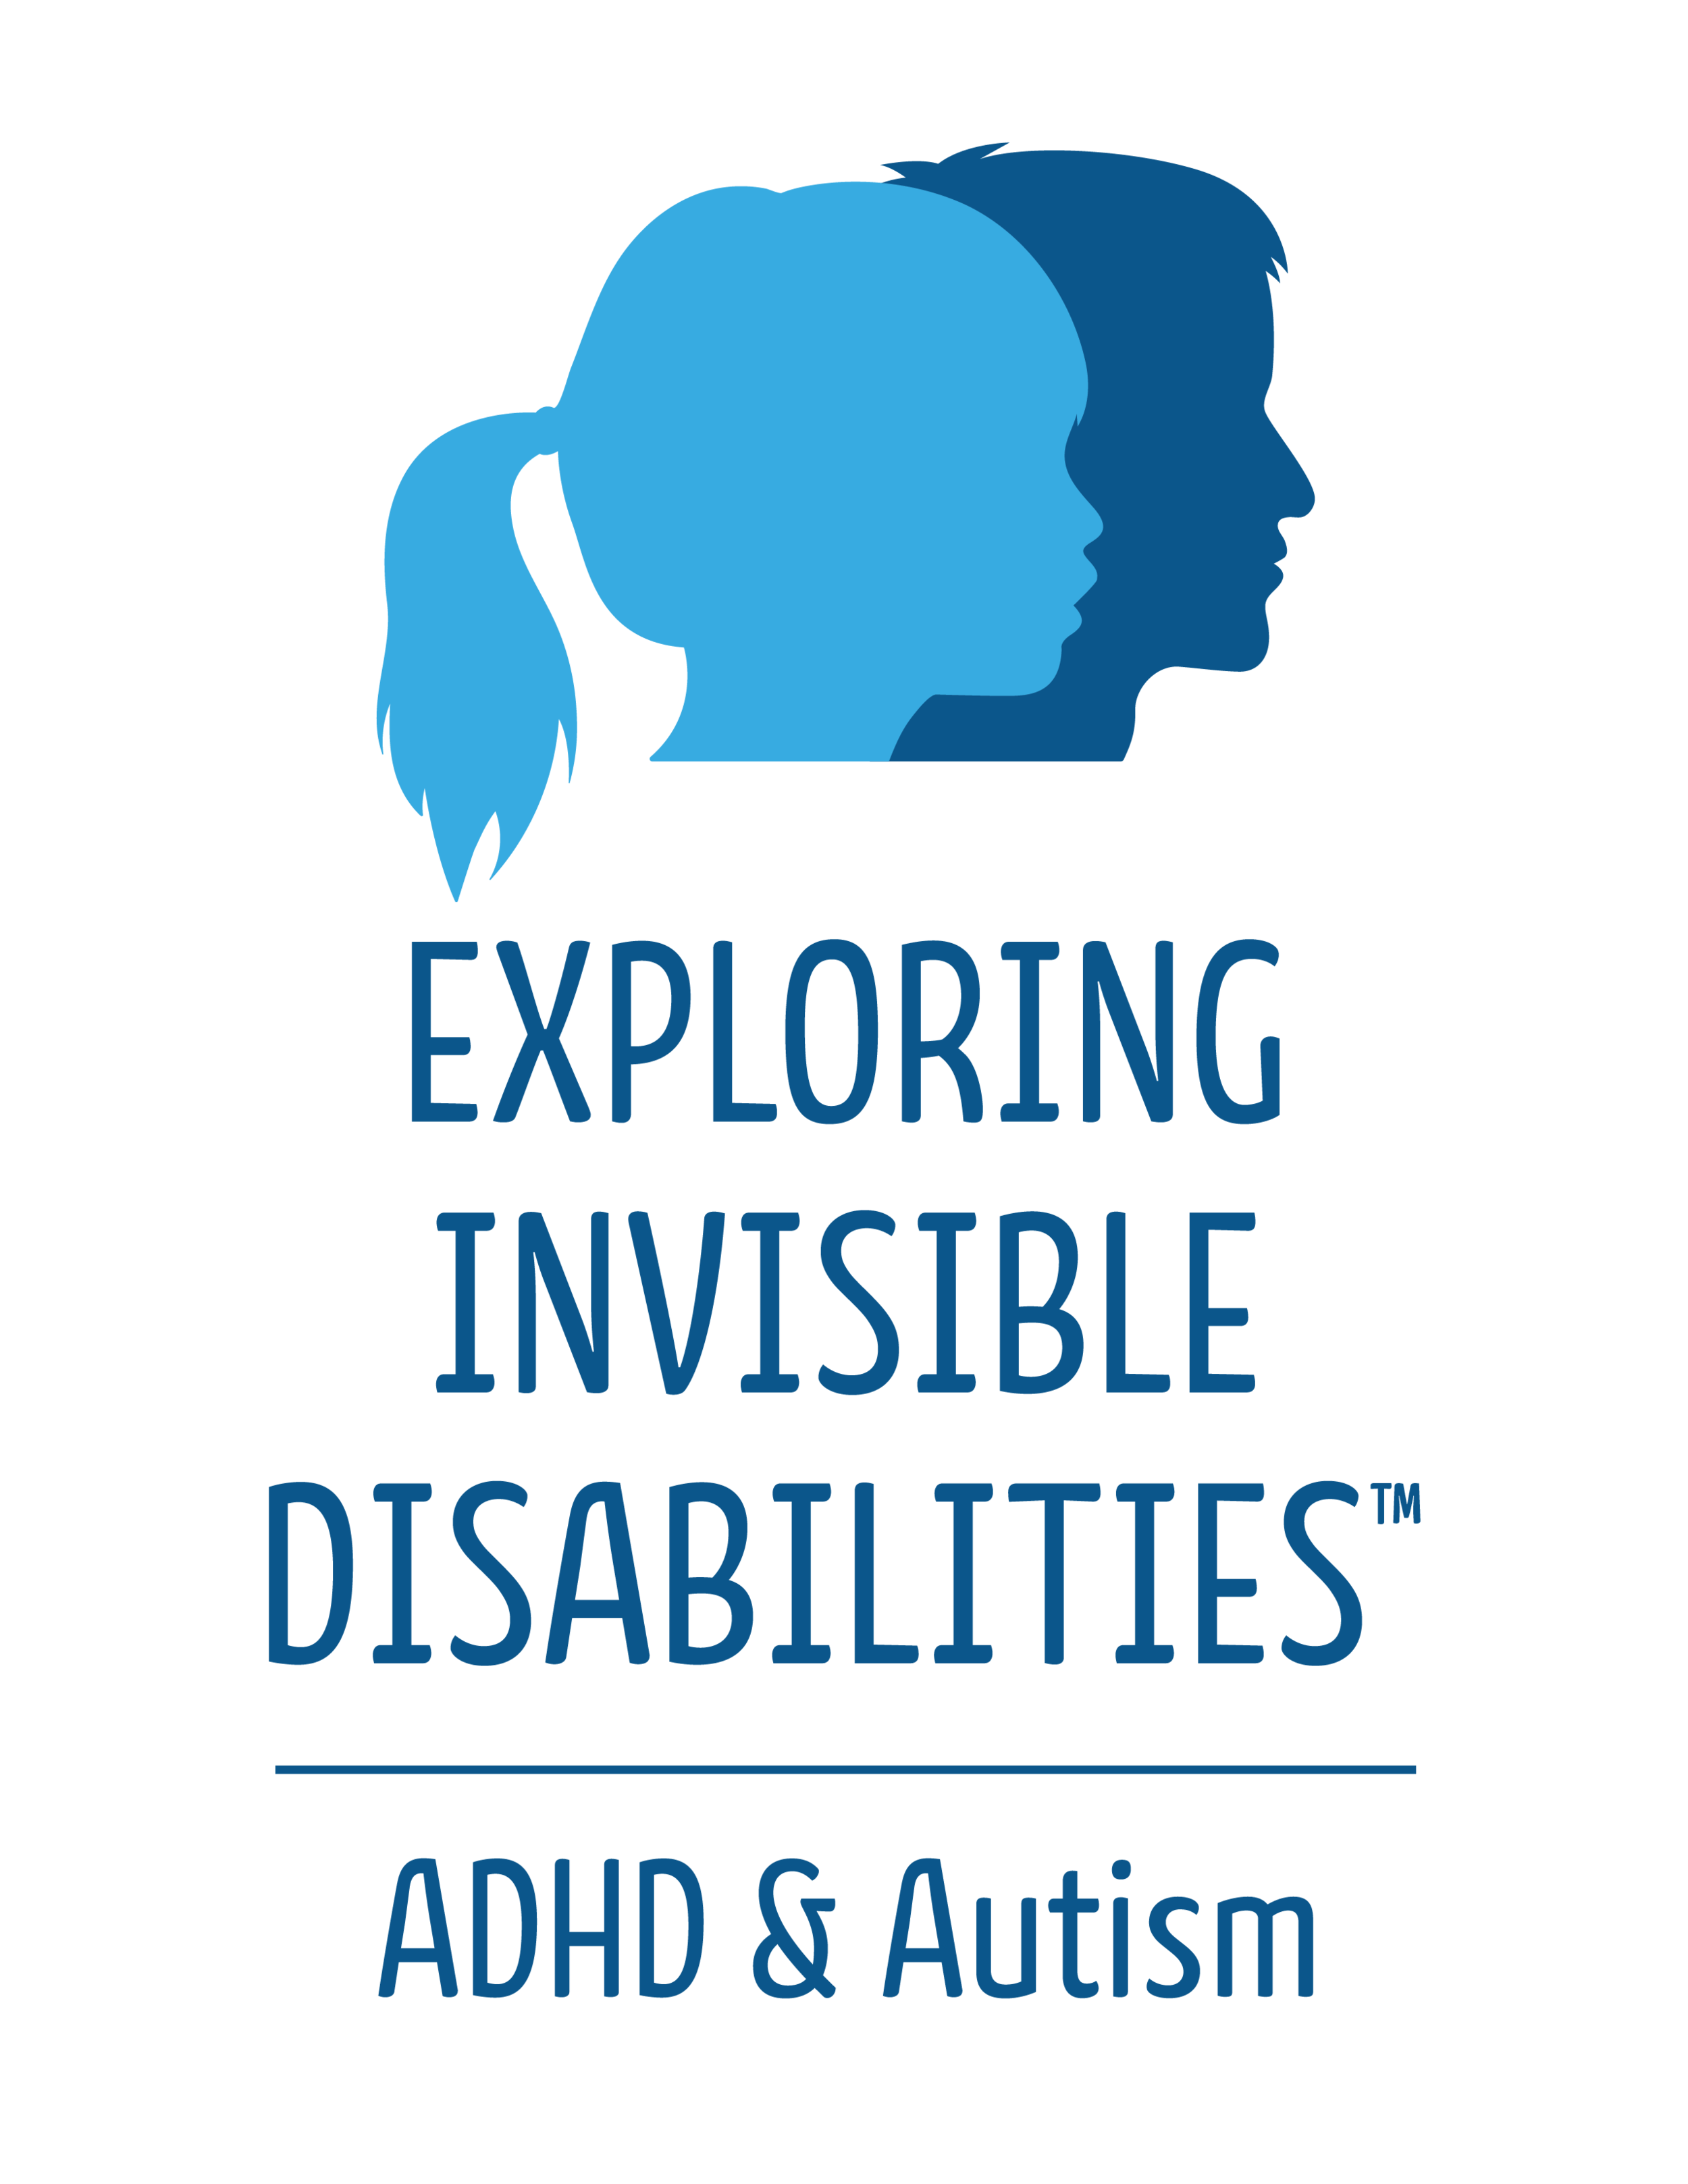 ADHD_Autism_EID_HiRes.png